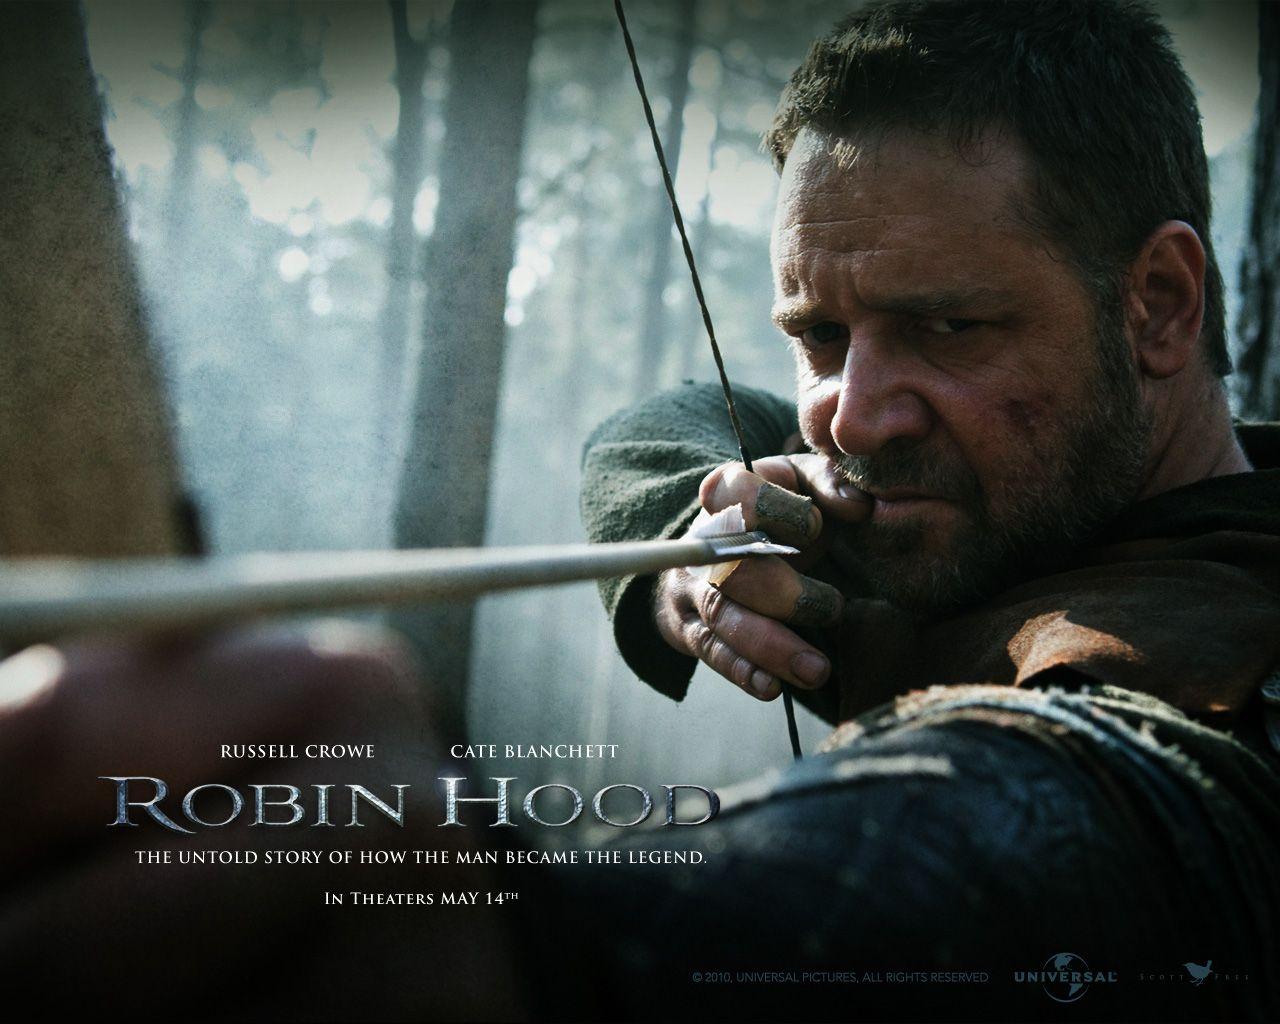 Robin Hood 2010 Director Ridley Scott Reparto Russell Crowe Cate Blanchett William Hurt Max Von Sydow Mark Strong D Robin Hood Robin Russell Crowe